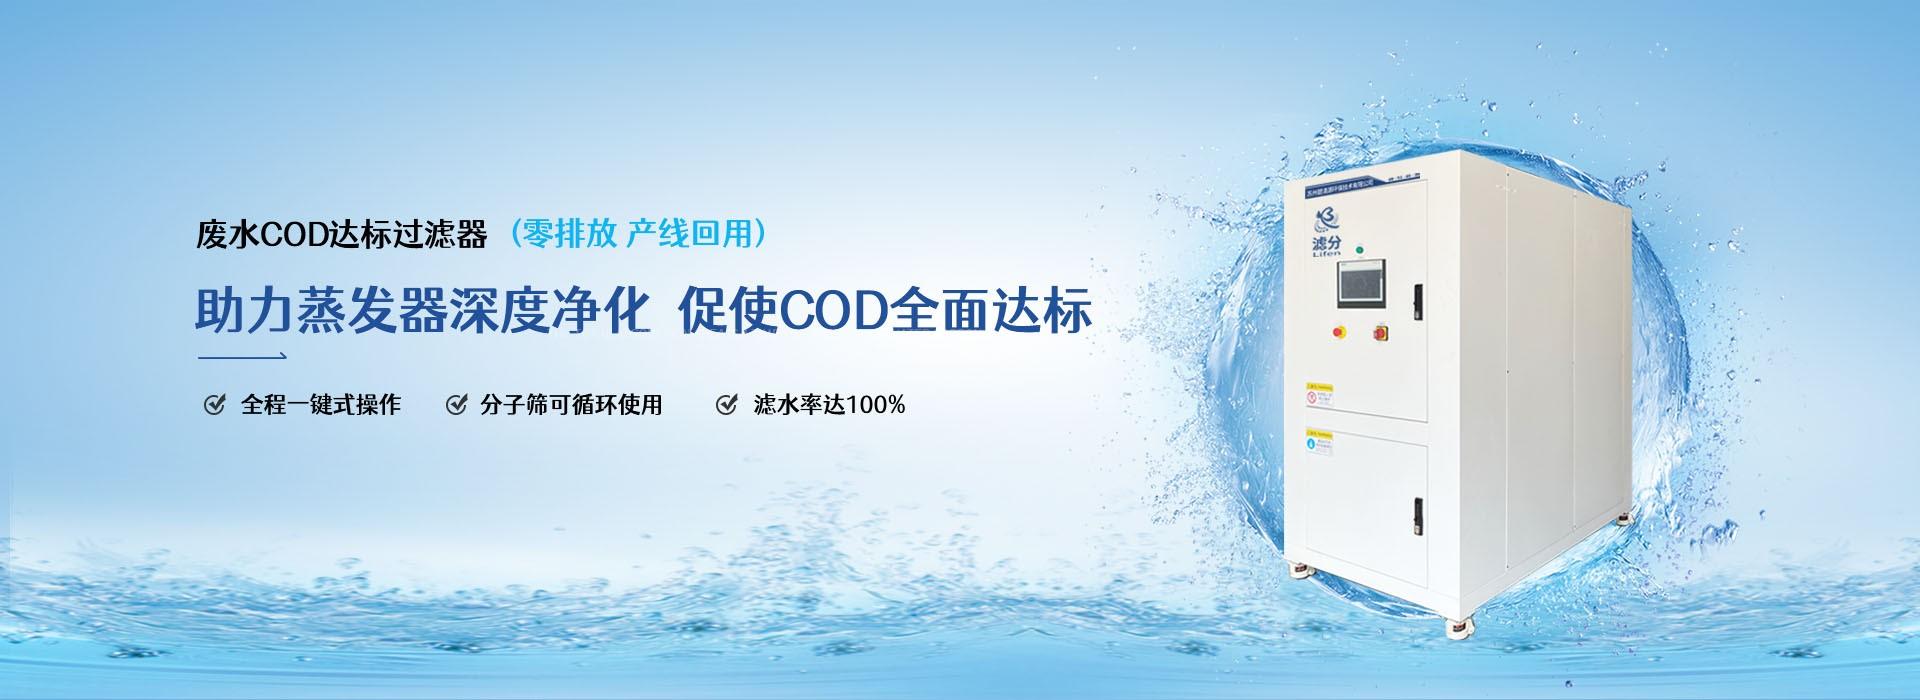 废水COD达标过滤器